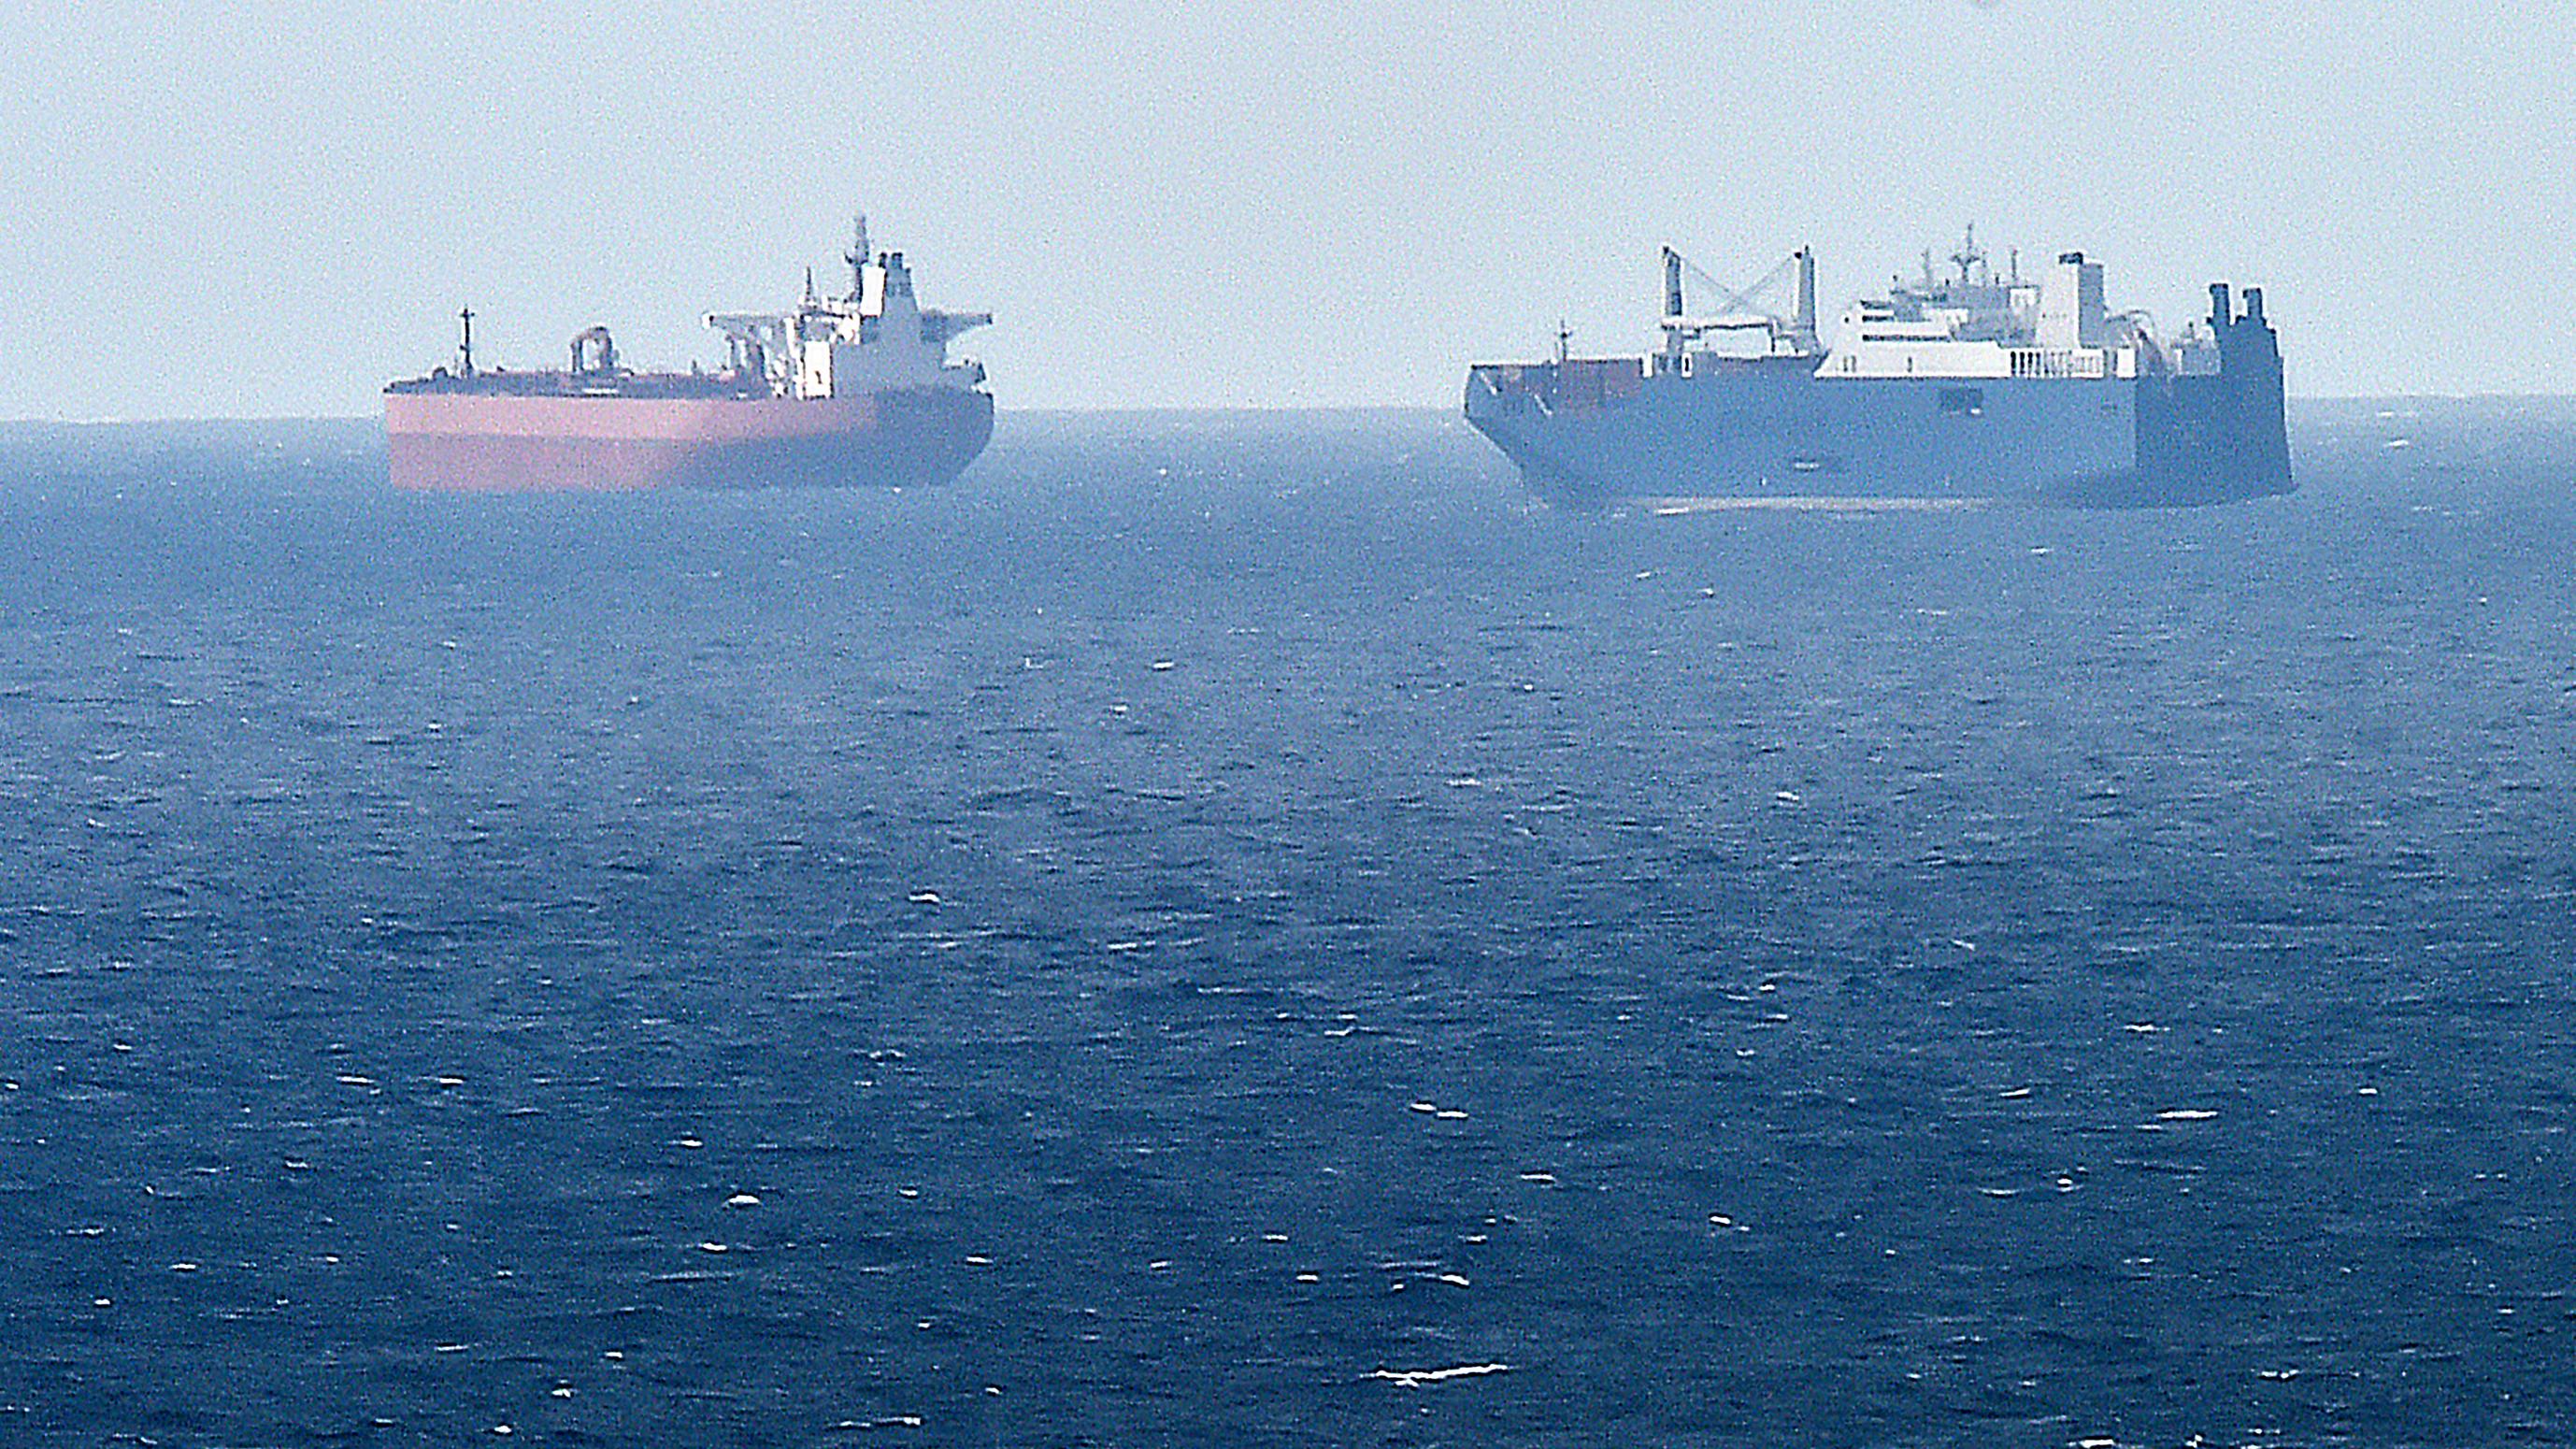 Szaúdi olajszállítókat ért támadás a Perzsa-öbölben